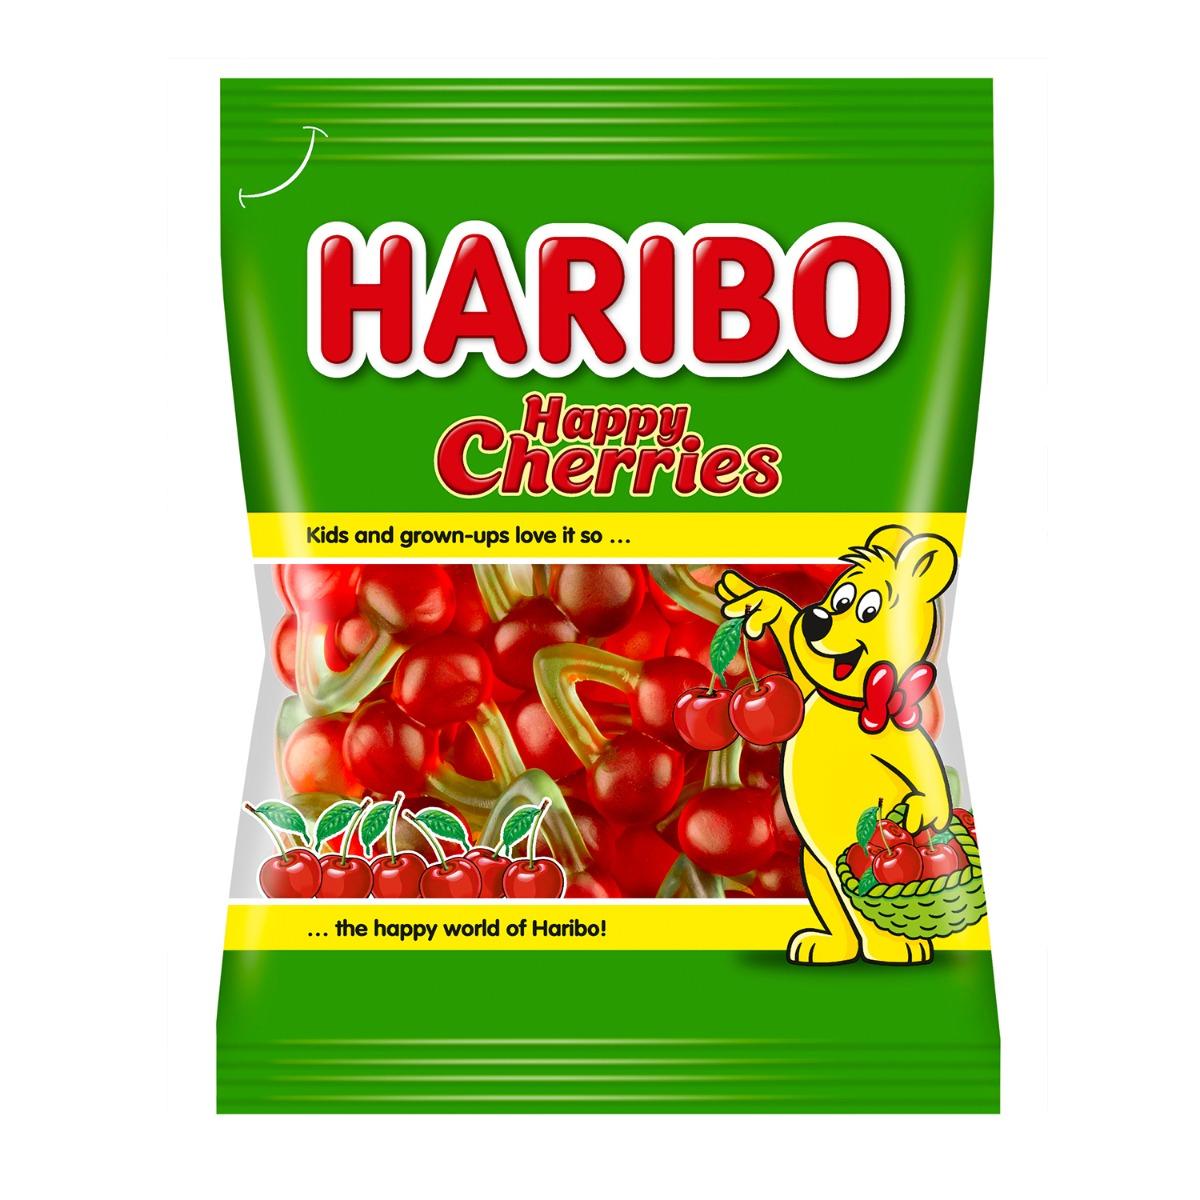 Jeleuri Haribo Happy Cherries, 200 g imagine